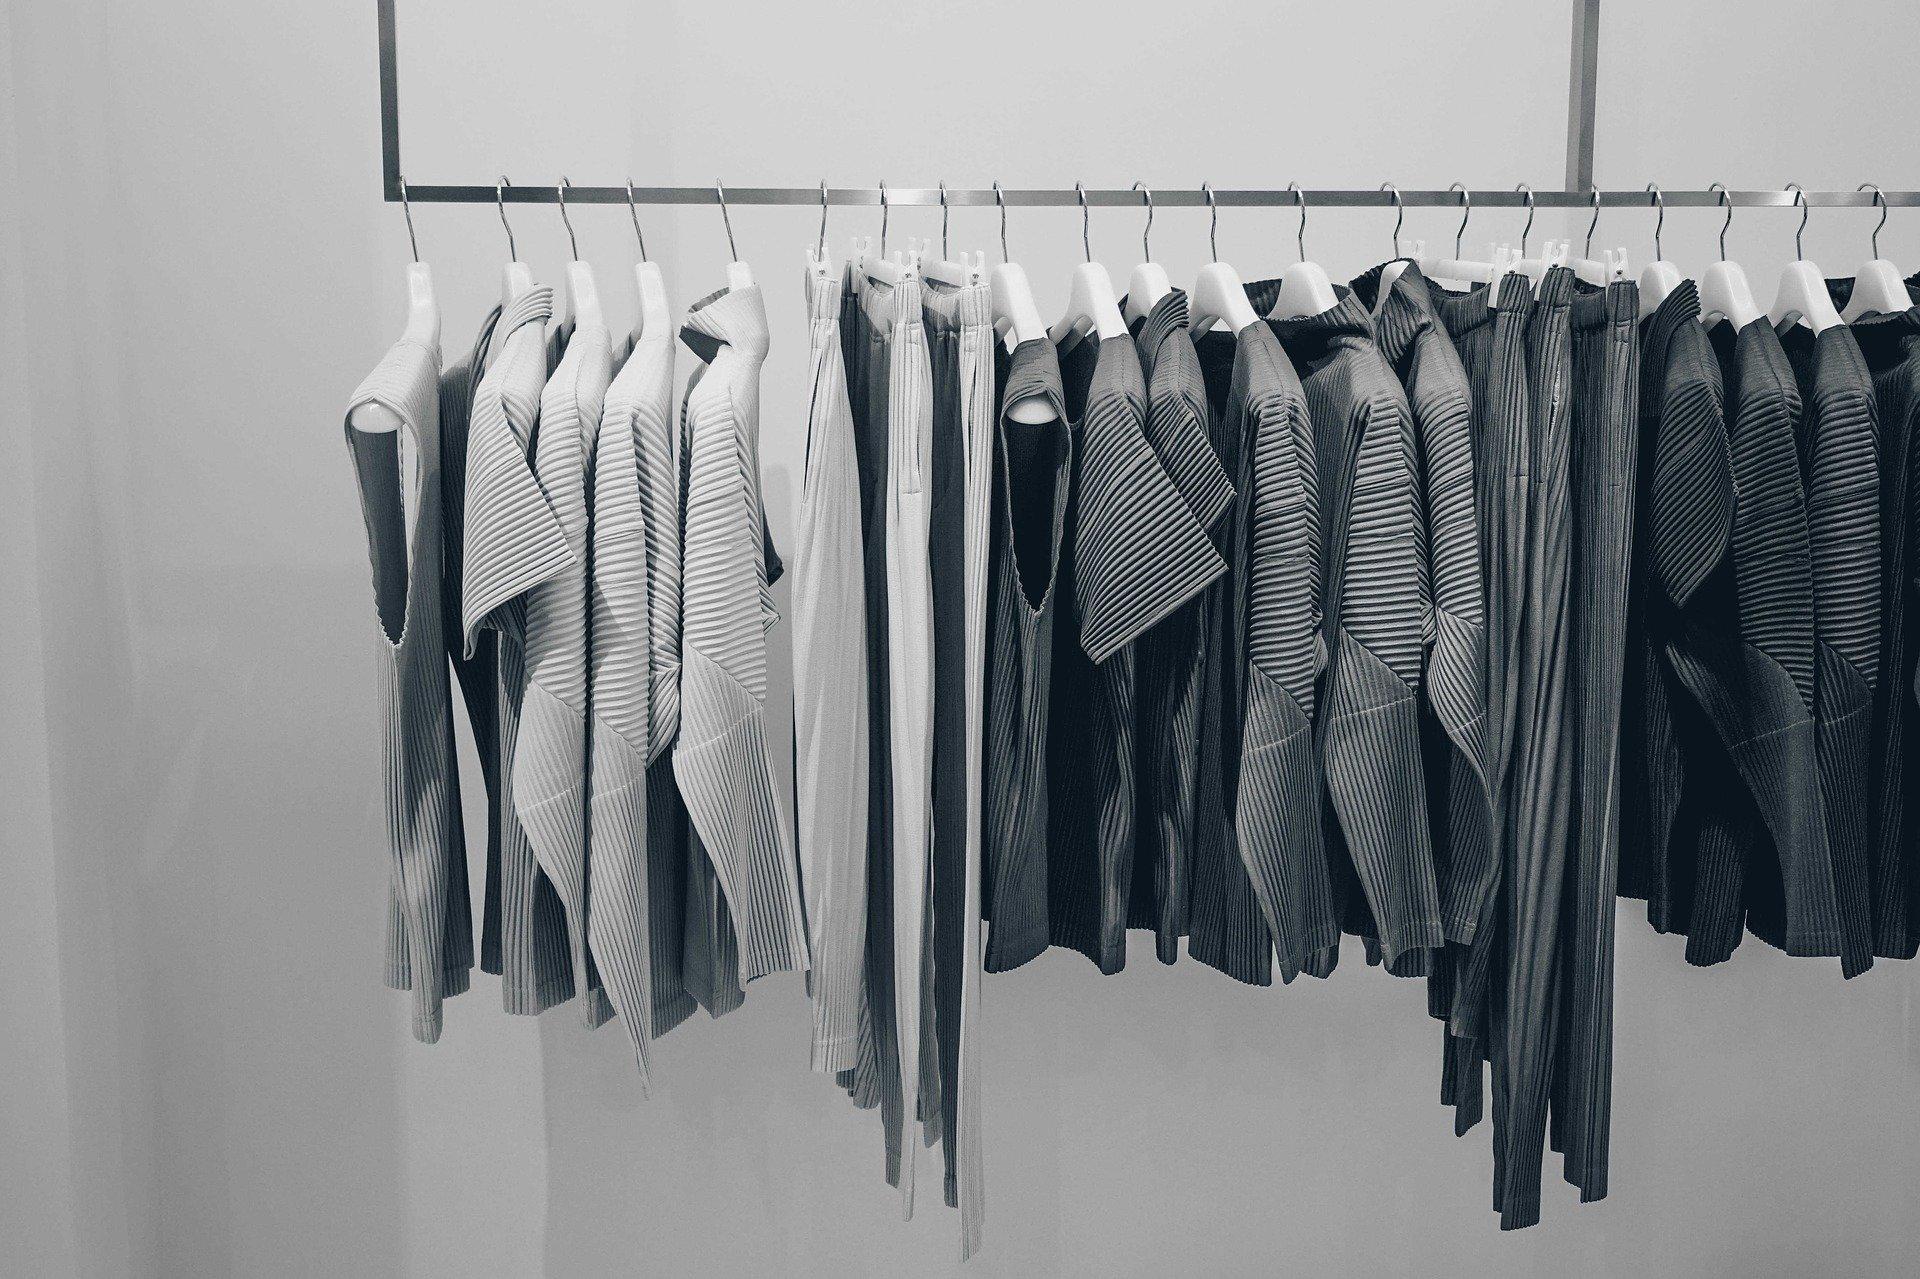 dropshipping moda negocio por cero pesos shopify